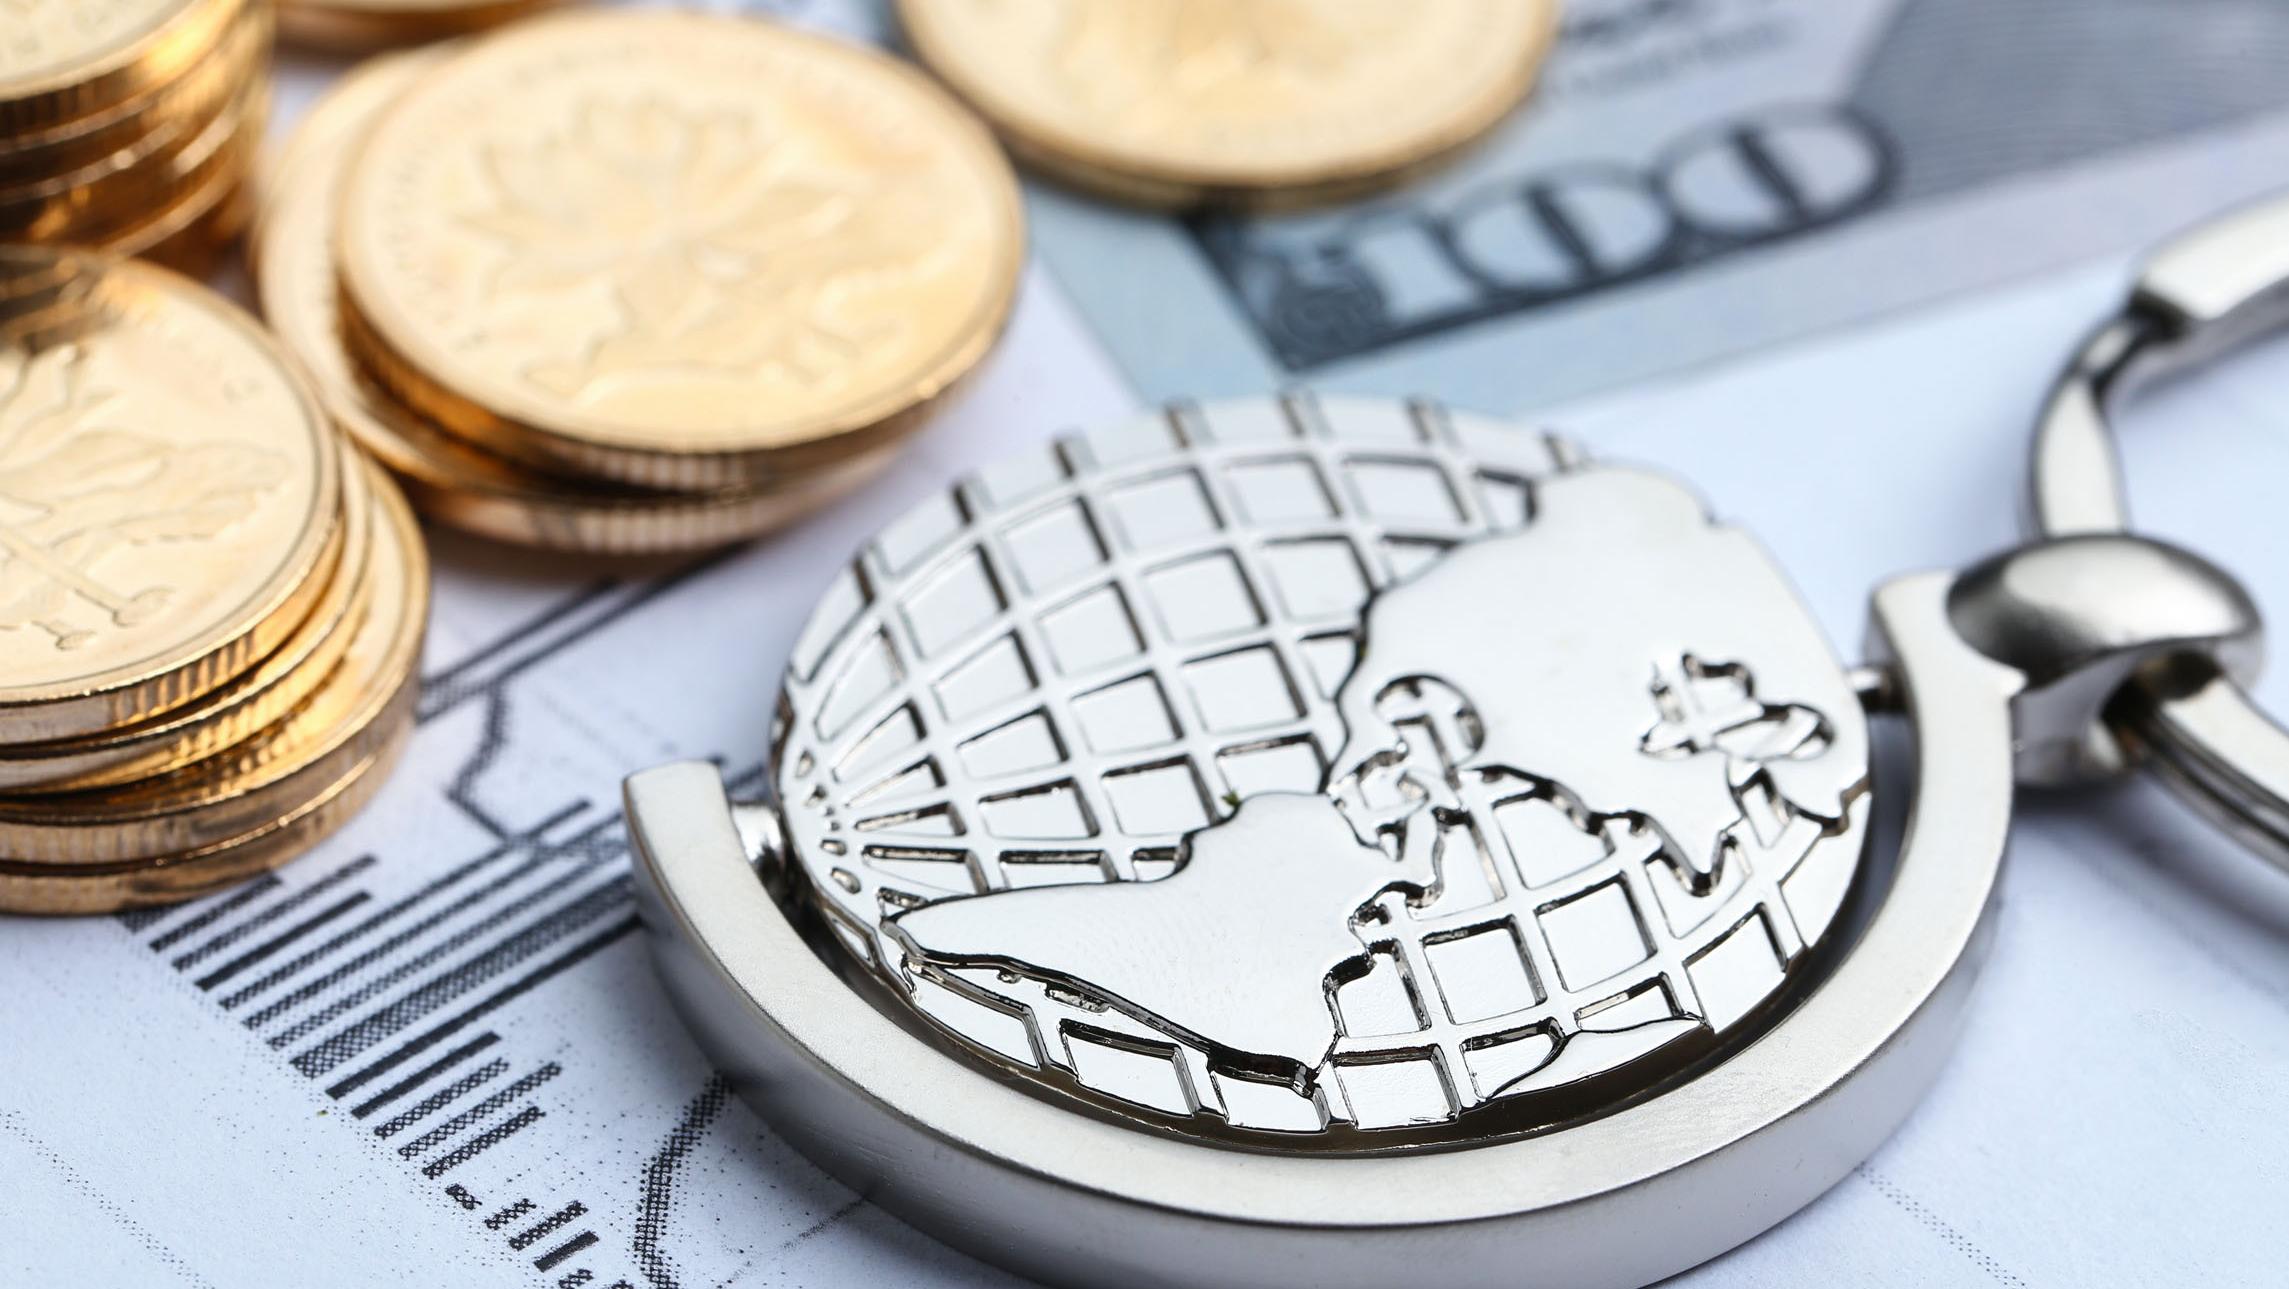 W 2020 roku światowa gospodarka spowolni wzrost